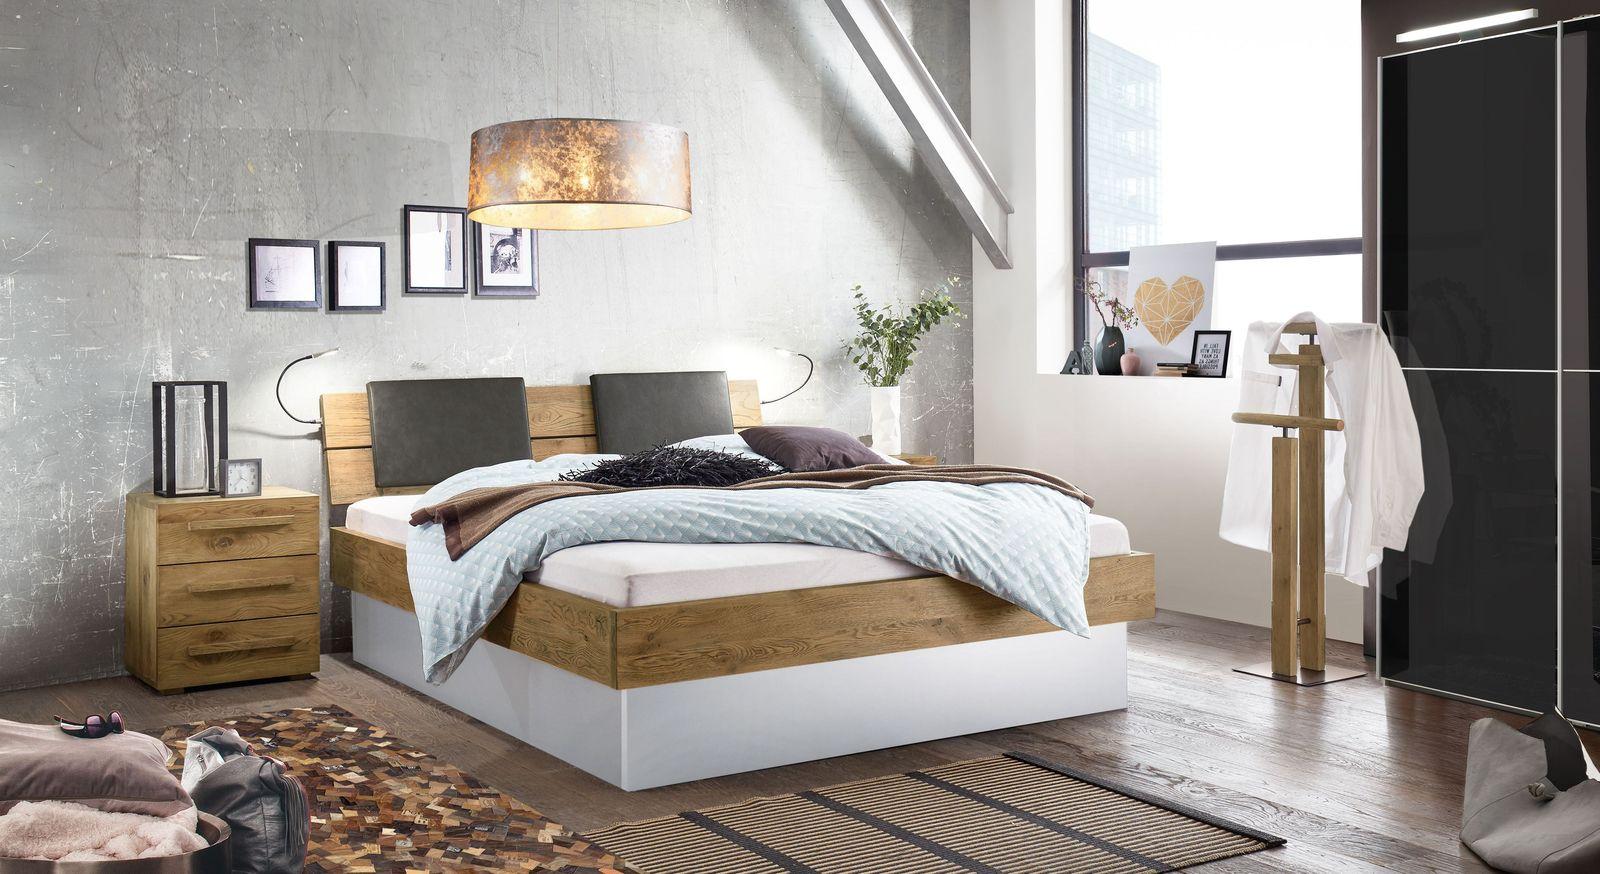 Komplett-Schlafzimmer mit Stauraumbett aus Wildeiche - Boa Vista